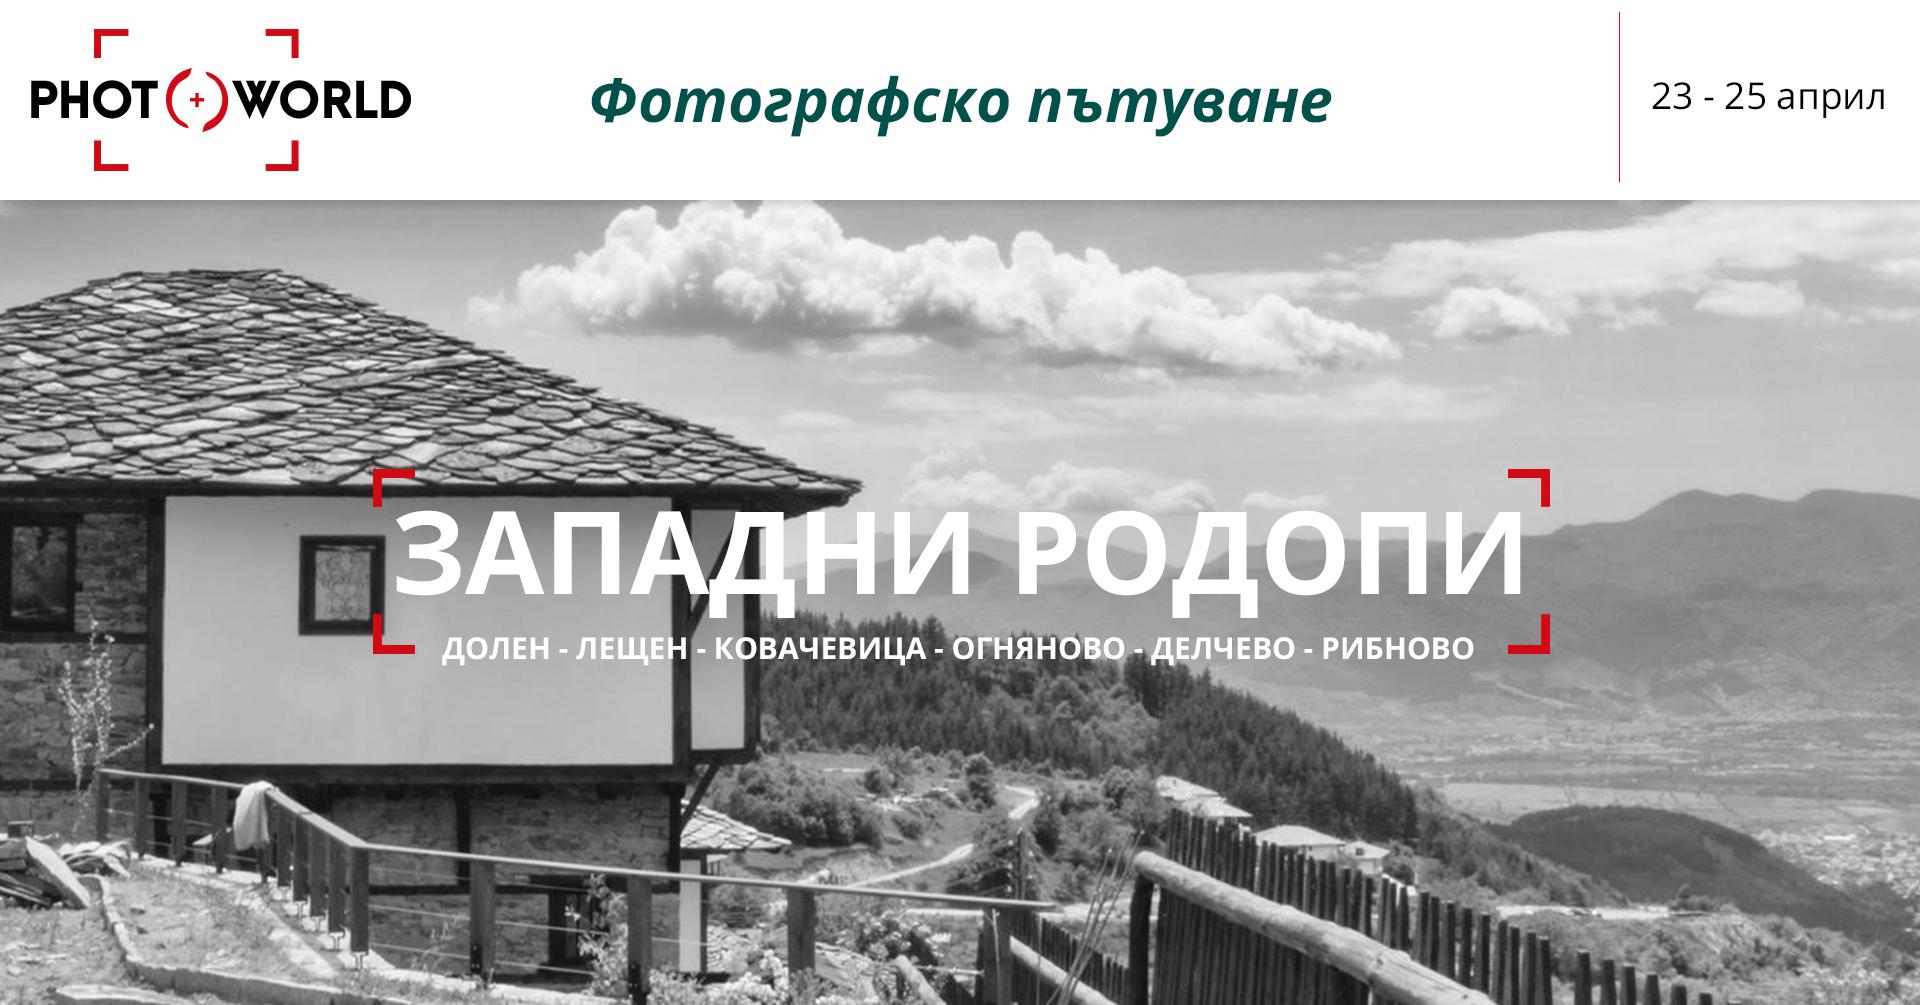 """""""Западни Родопи"""" - фотографско пътуване"""